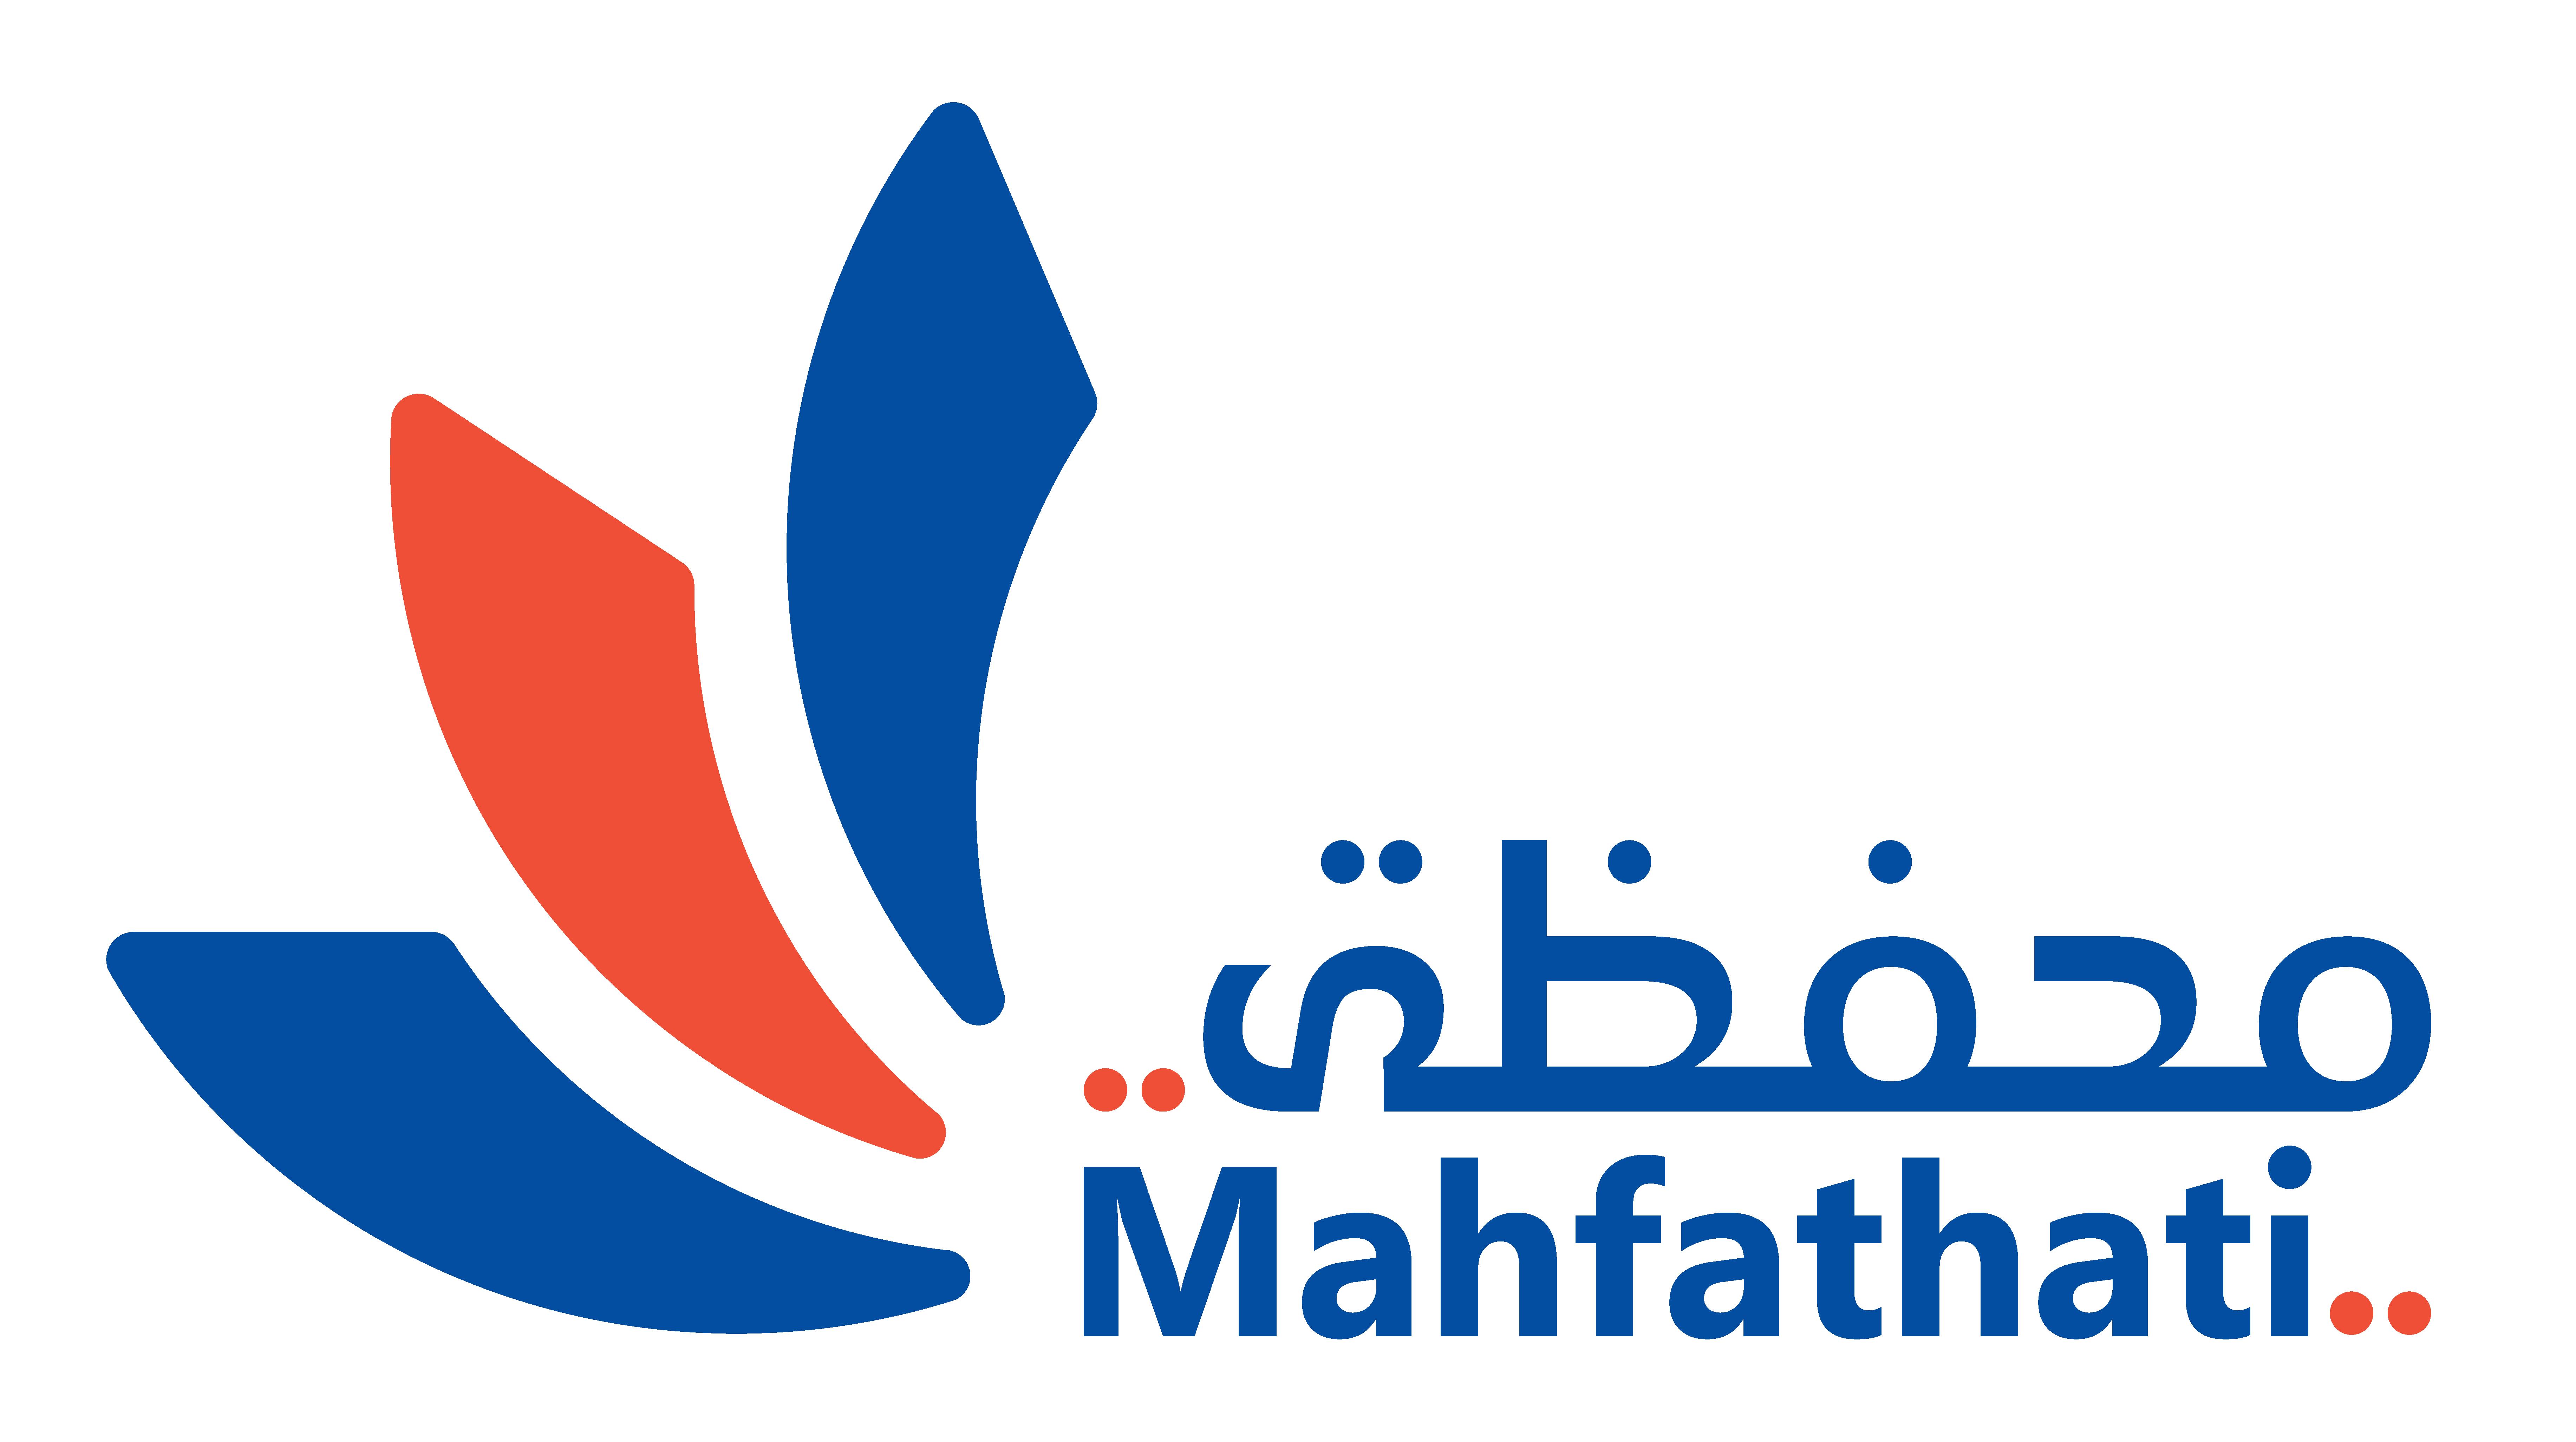 Tadhamon Bank Electronic Wallet Mahfathati